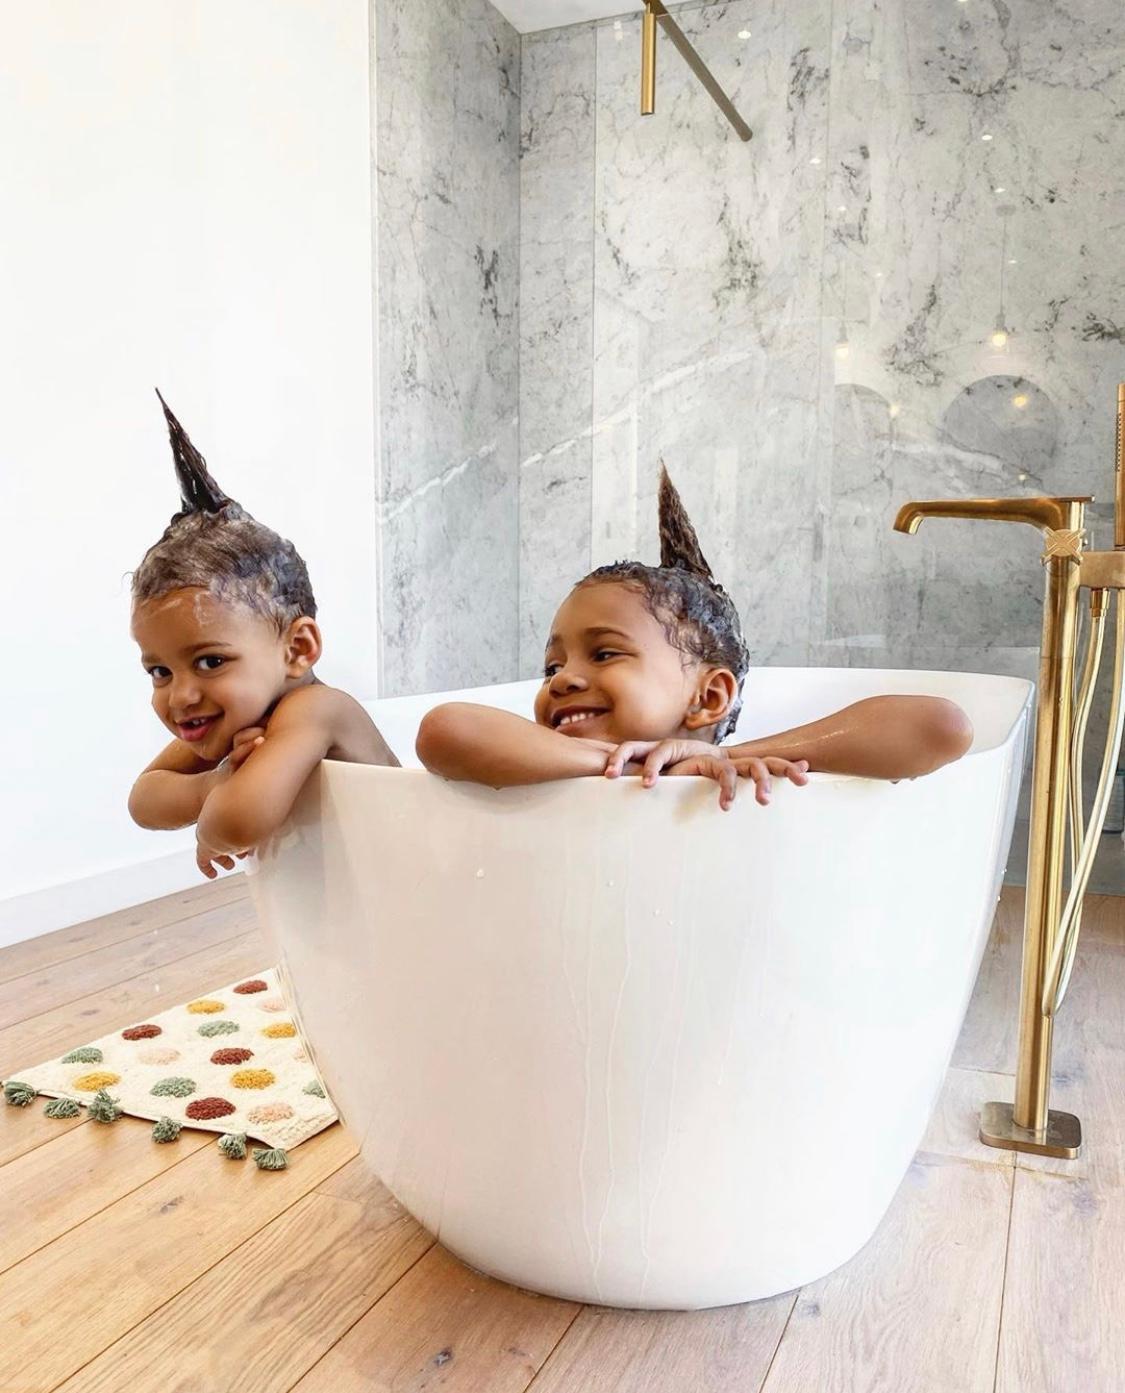 Les deux enfants de babyatoutprix prennent la pose dans leur bain